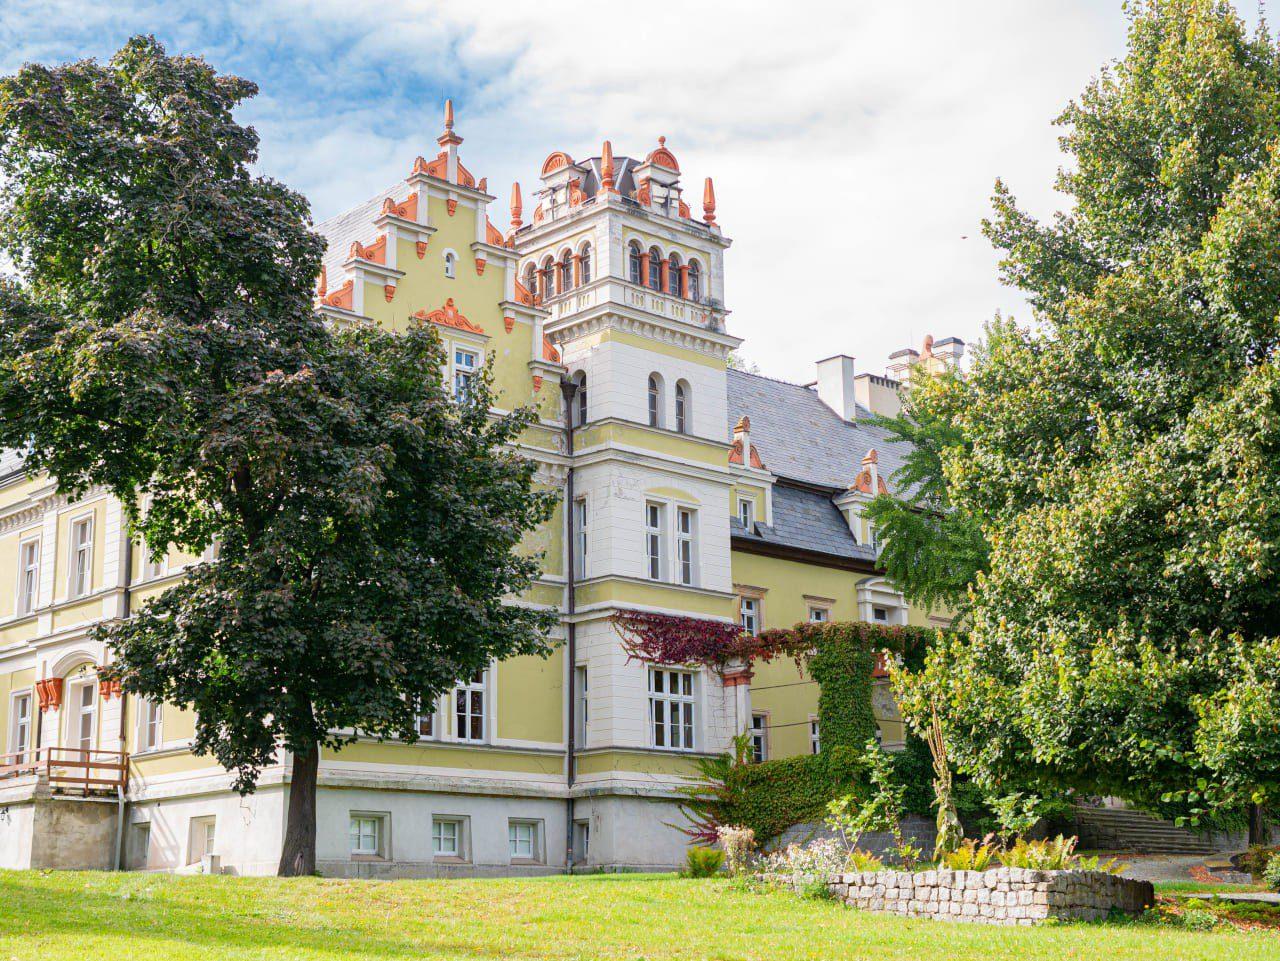 Pałac Murowany w Kłonicach Niedaleko Wieży Widokowej Radogost W Park Krajobrazowy Chełmy1 Atrakcje Co Warto Zobaczyć